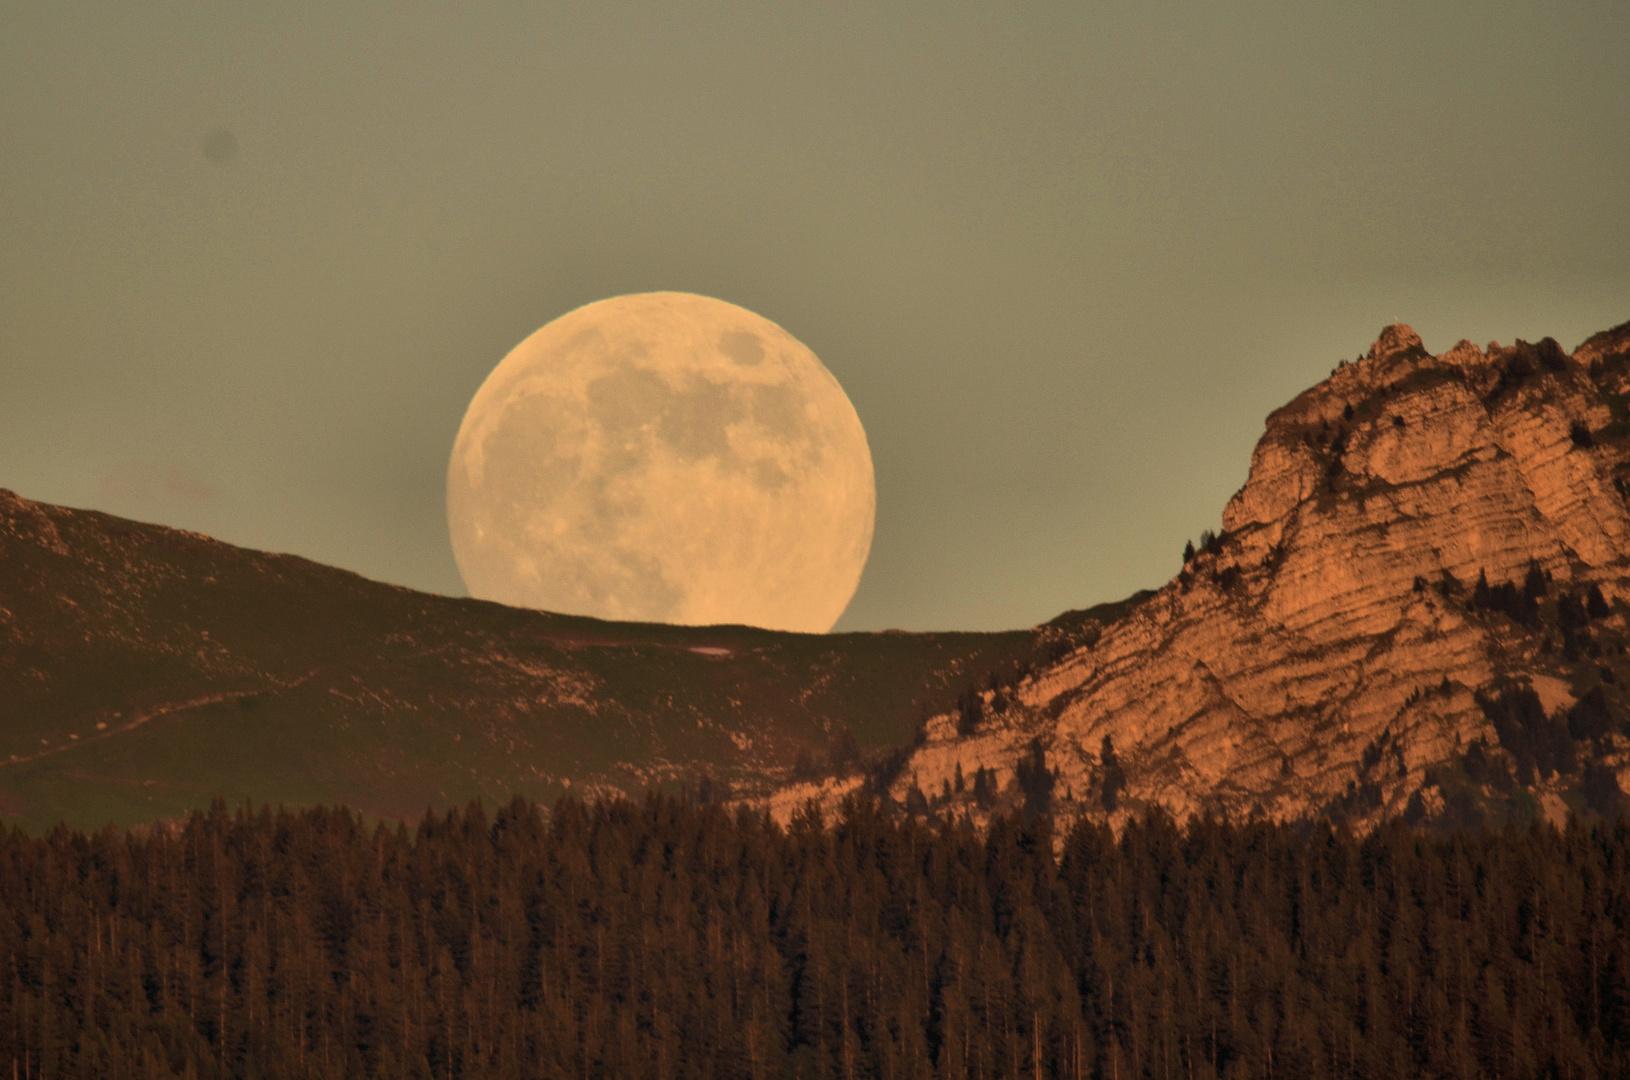 La grandeur de la lune